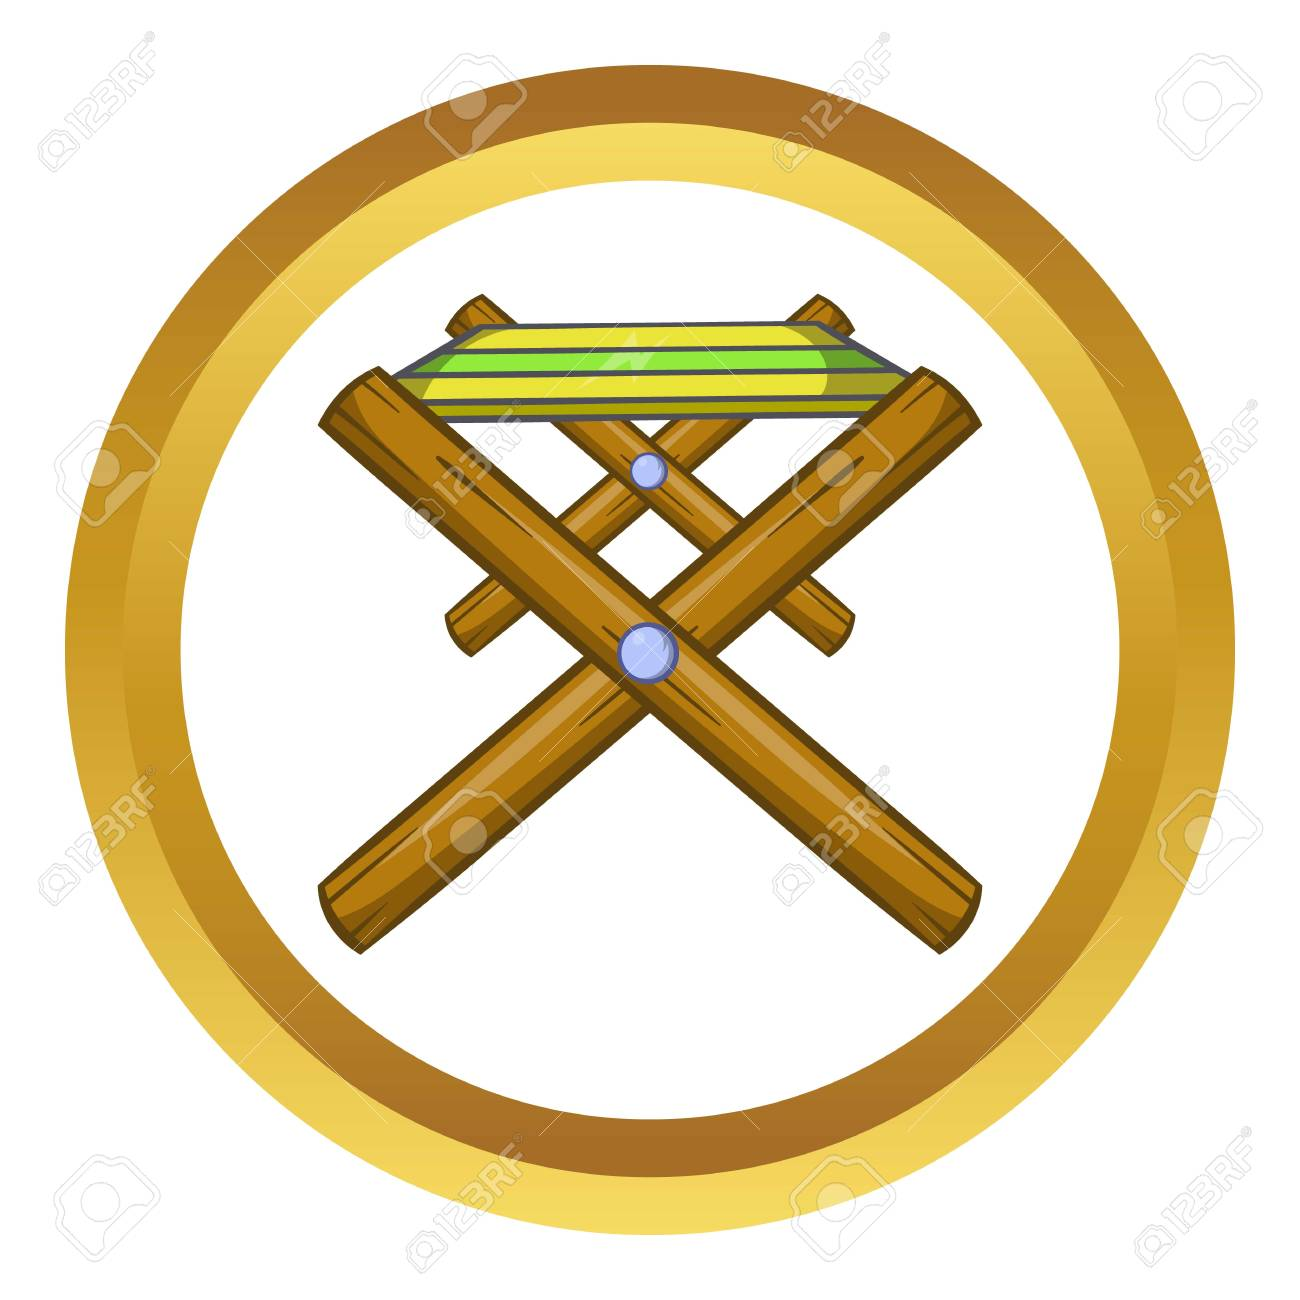 Mesa Plegable Estilo.Mesa Plegable Del Icono Del Vector En El Circulo De Oro Estilo De Dibujos Animados Aislado En El Fondo Blanco